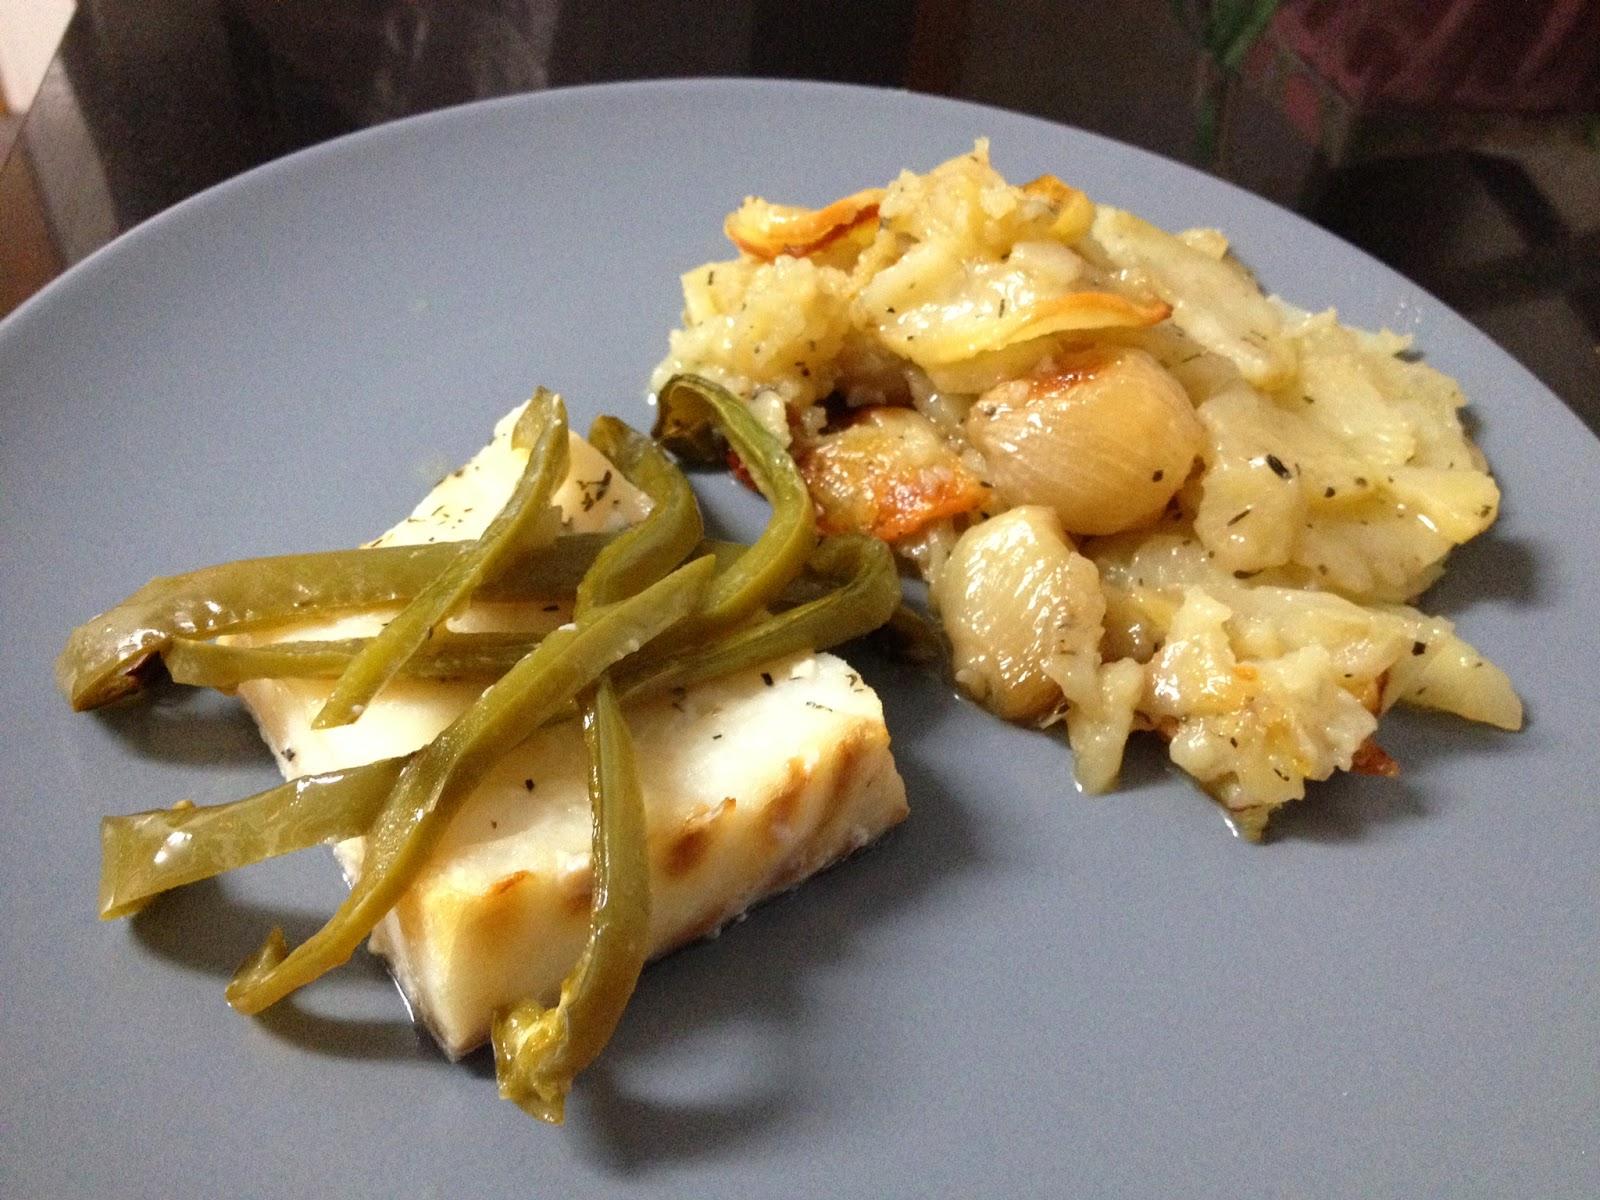 Cocina con rachel bacalao con patatas y pimiento al horno - Racholas cocina ...